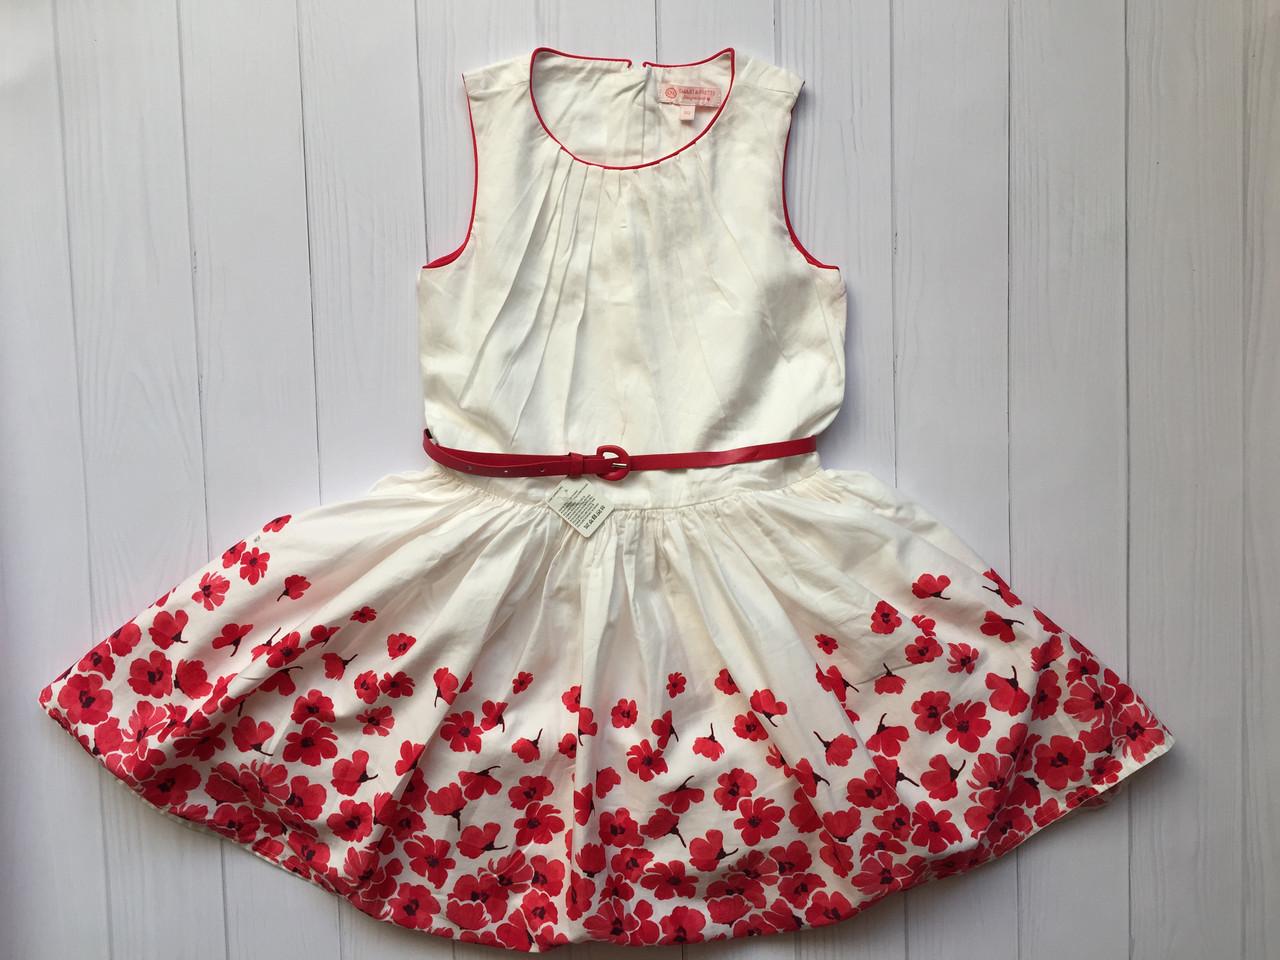 df958aca6671b27 Очень красивое платье из натурального хлопка на девочку 6-7 лет C&A  Германия Размер 122, цена 420 грн., купить в Ивано-Франковске — Prom.ua  (ID#728041888)